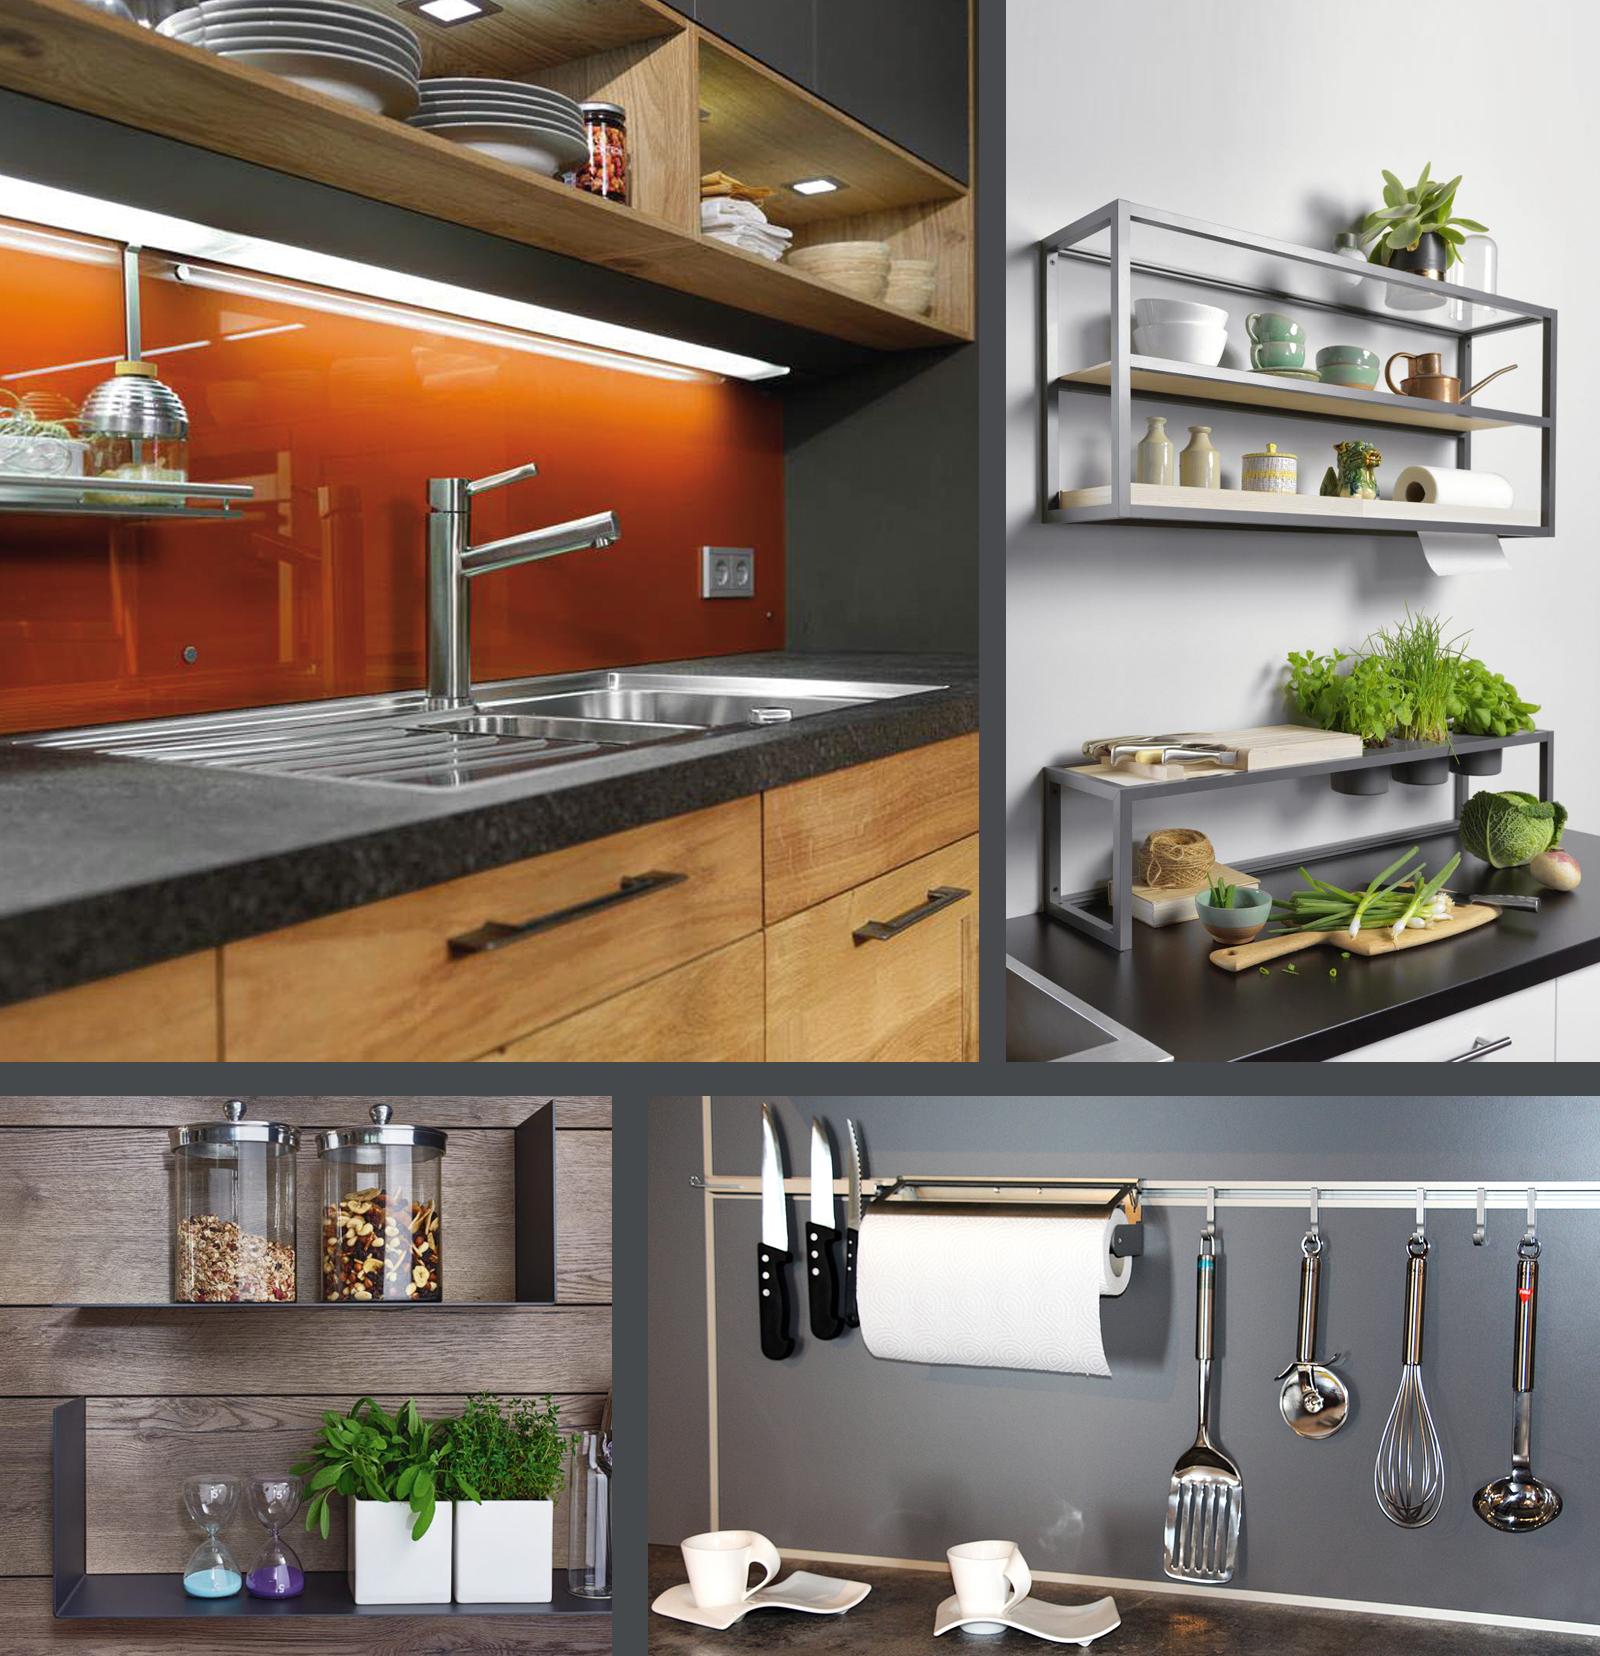 Küchenmodernisierung und Küchenrenovierung | Ihr Küchenstudio Möser